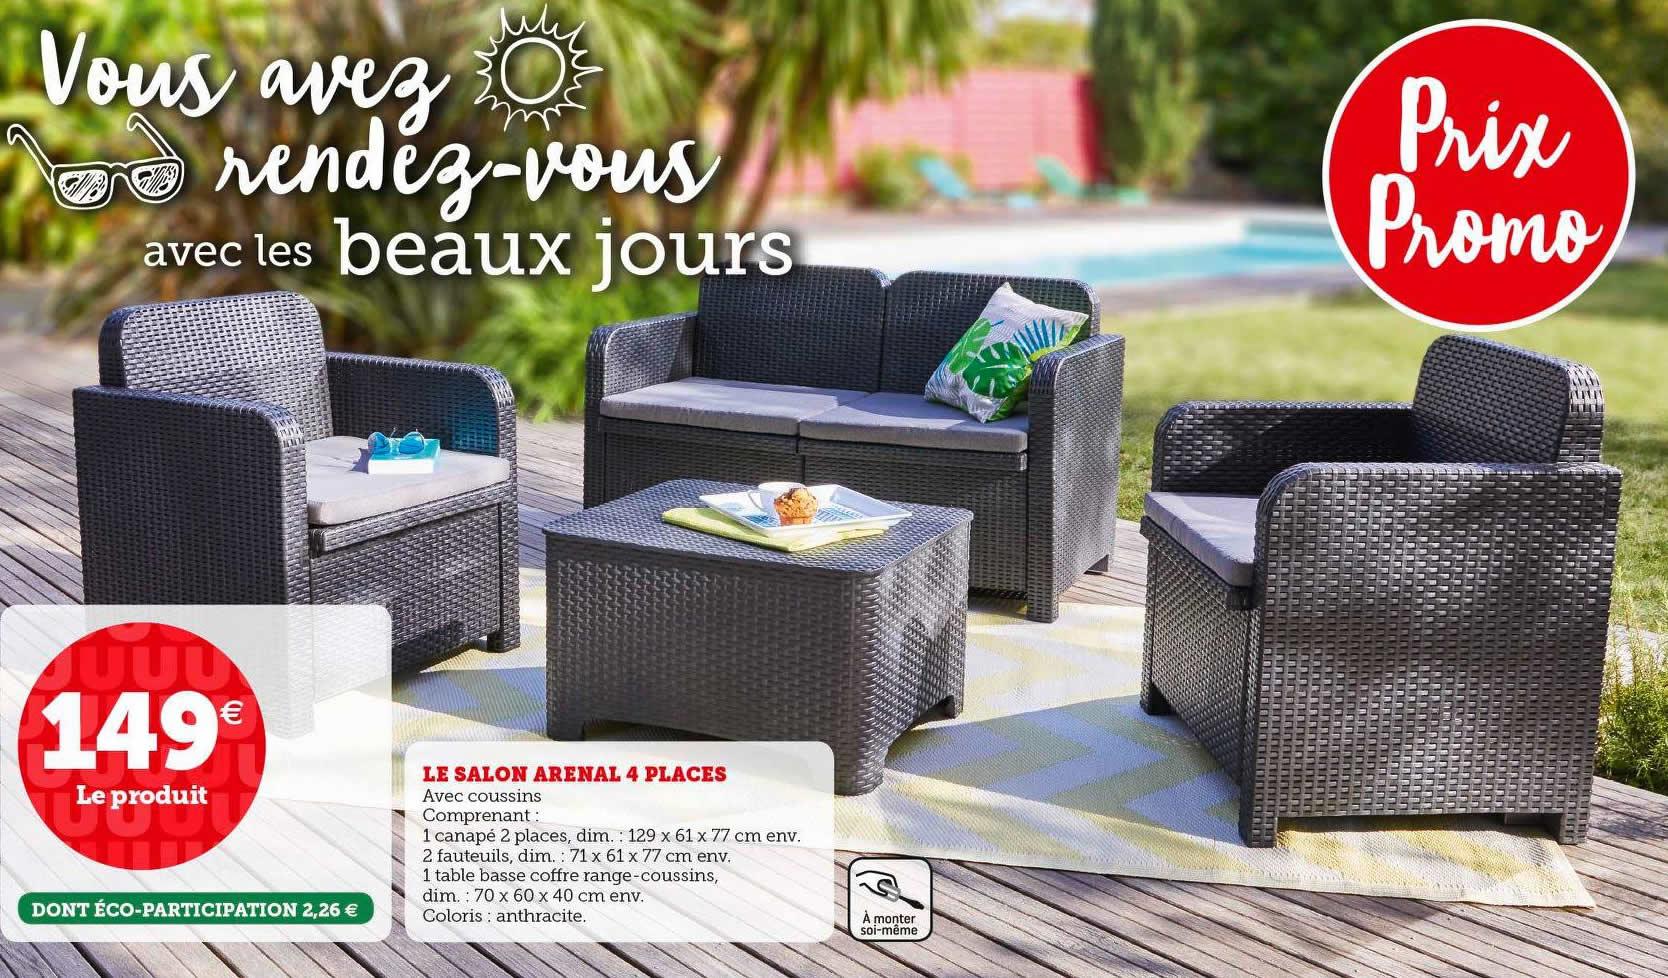 Salon de jardin Arenal (4 places) : 1 canapé 2 places, 2 fauteuils, 1 table basse